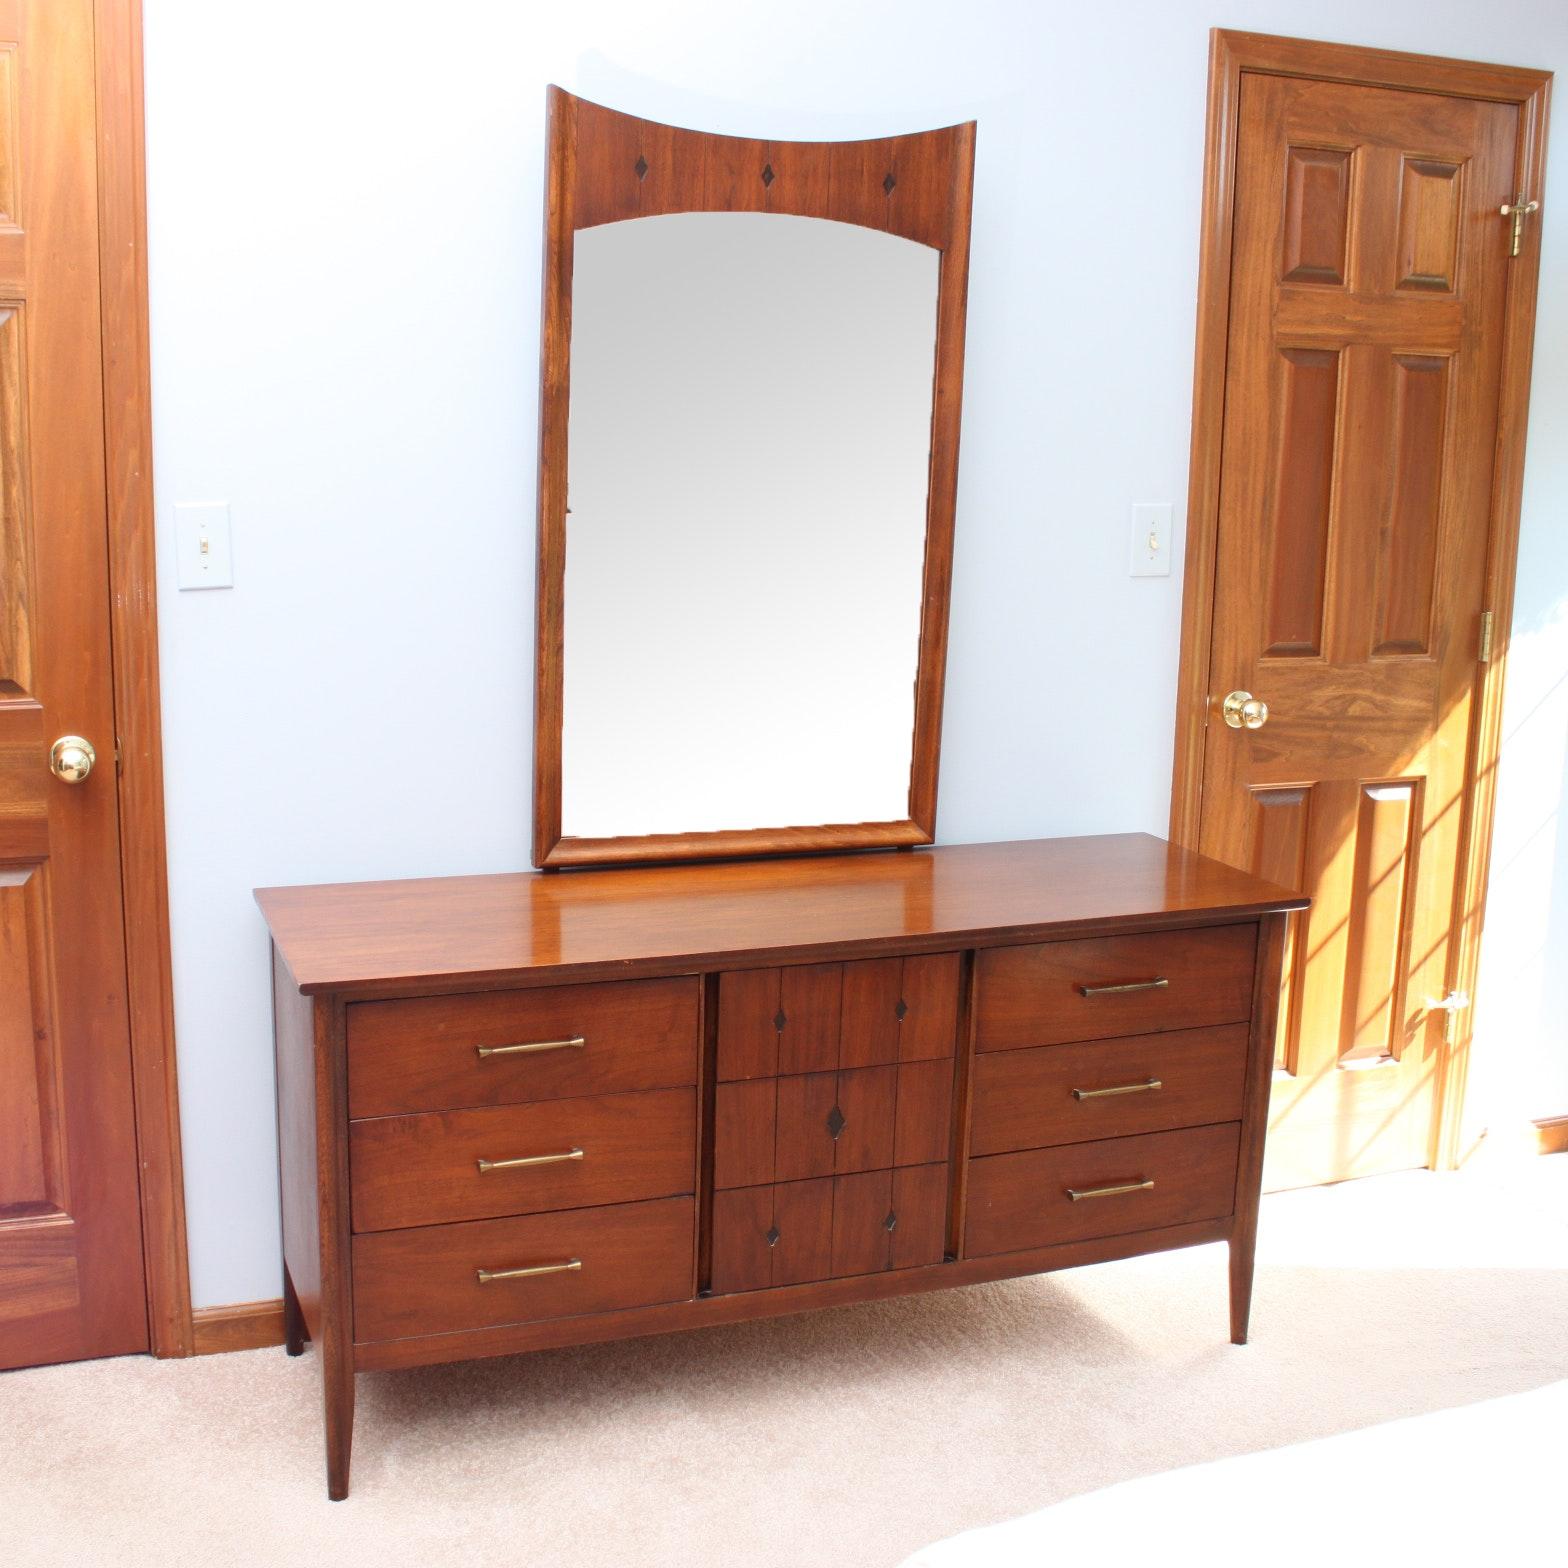 mid century modern dresser with mirror